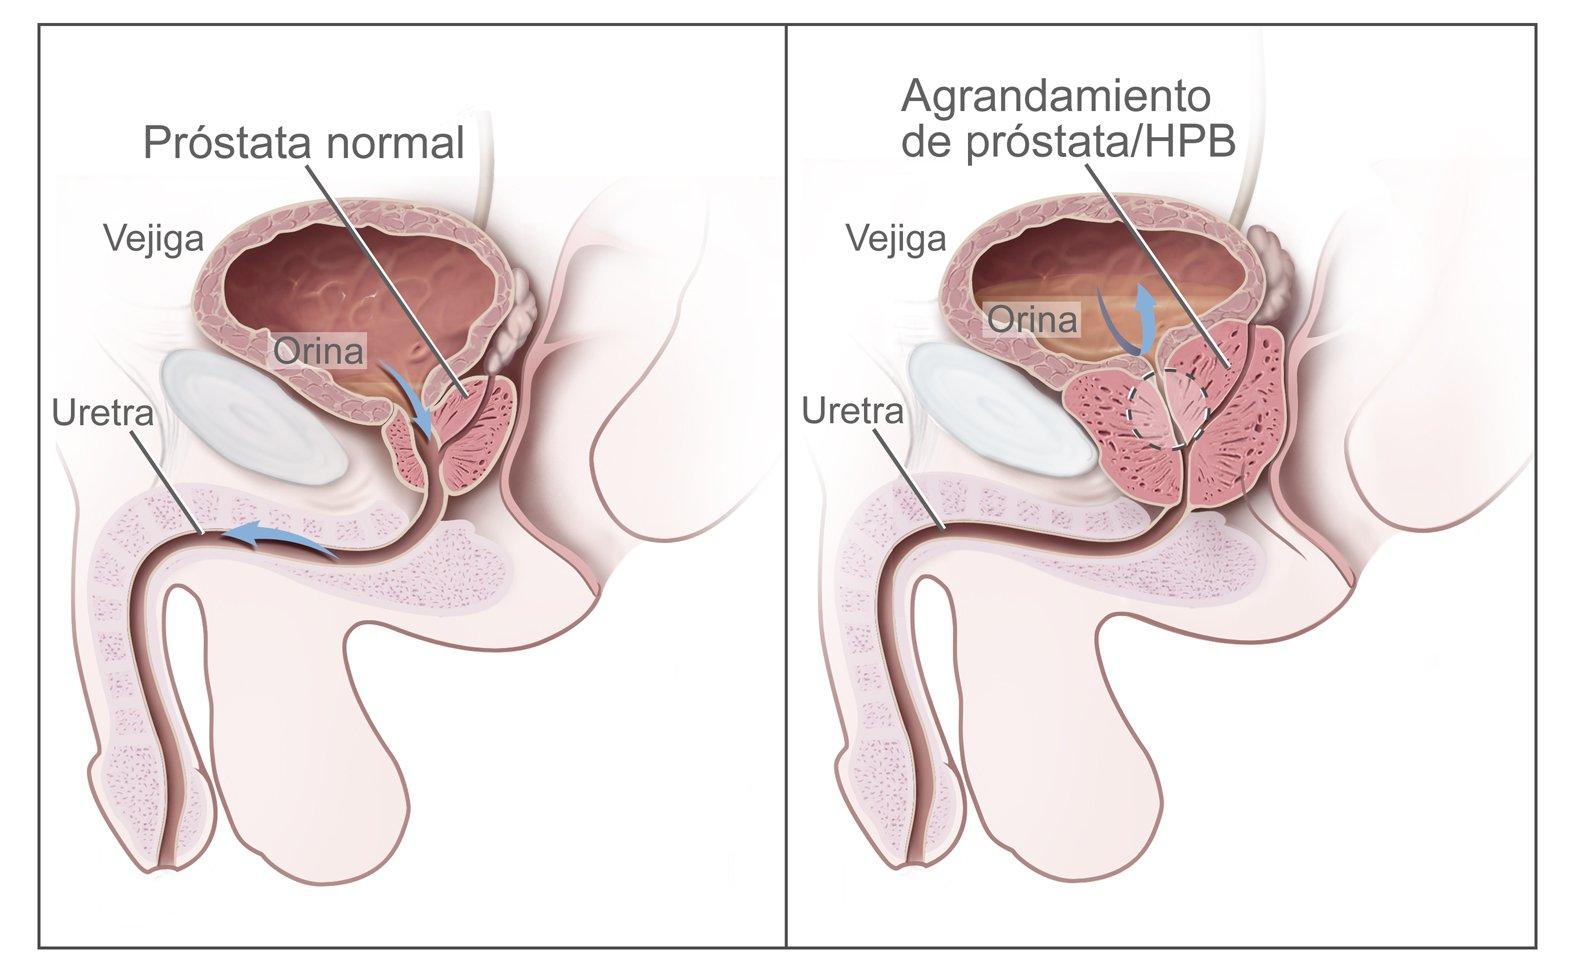 Implantátumos kezelés prosztata-megnagyobbodásban